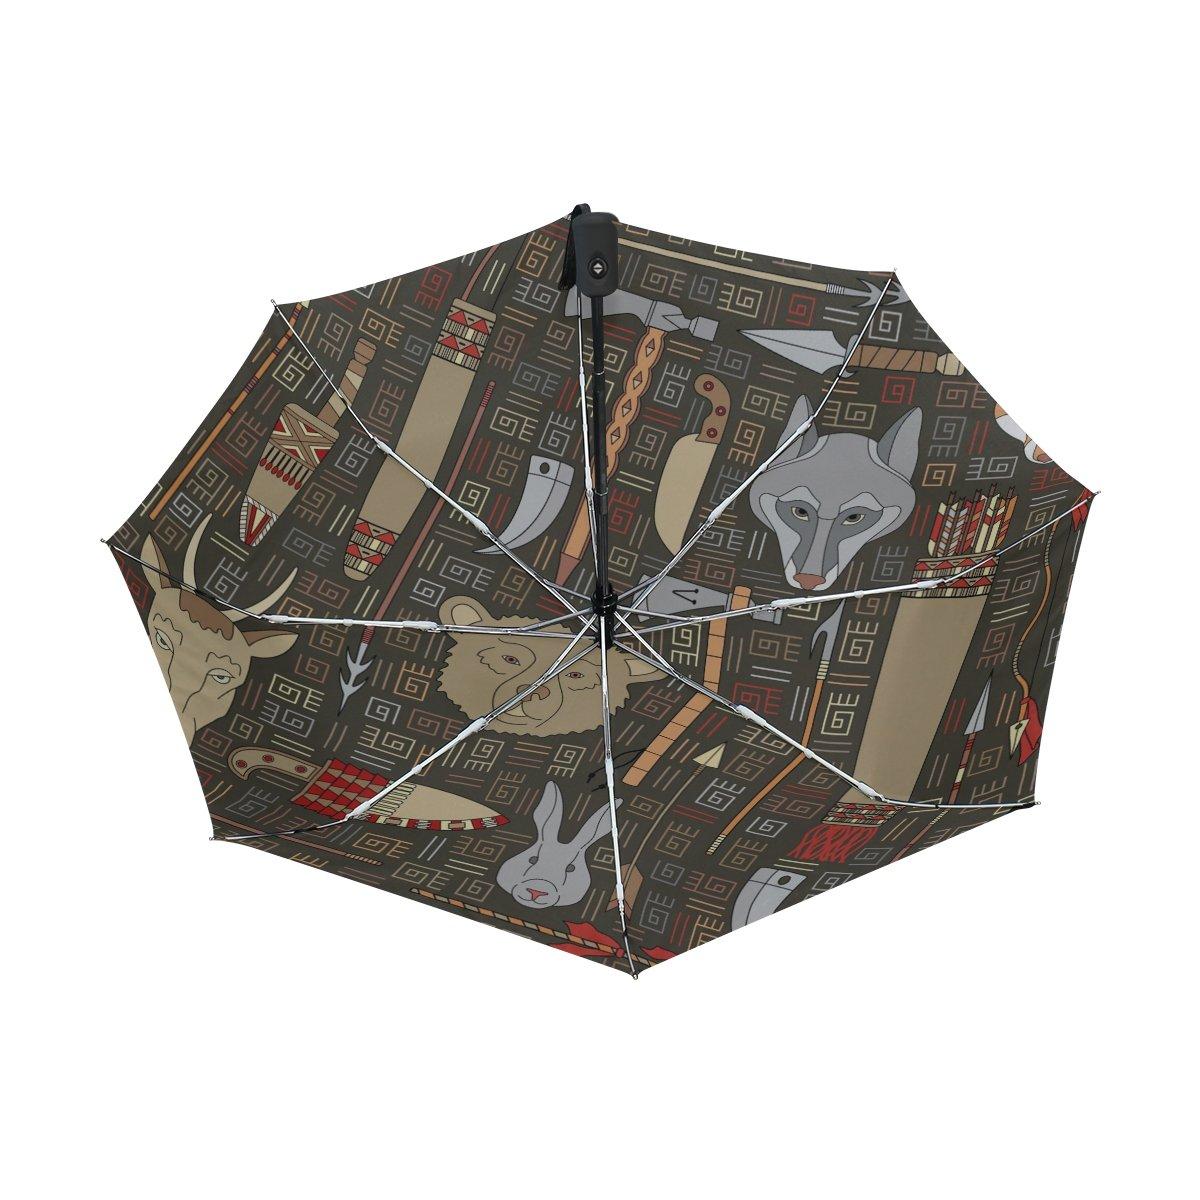 bennigiry indio caza 3 Folds Auto Abrir Cerrar paraguas compacto, resistente al viento portátil durabilidad viaje lluvia paraguas fácil de llevar: ...